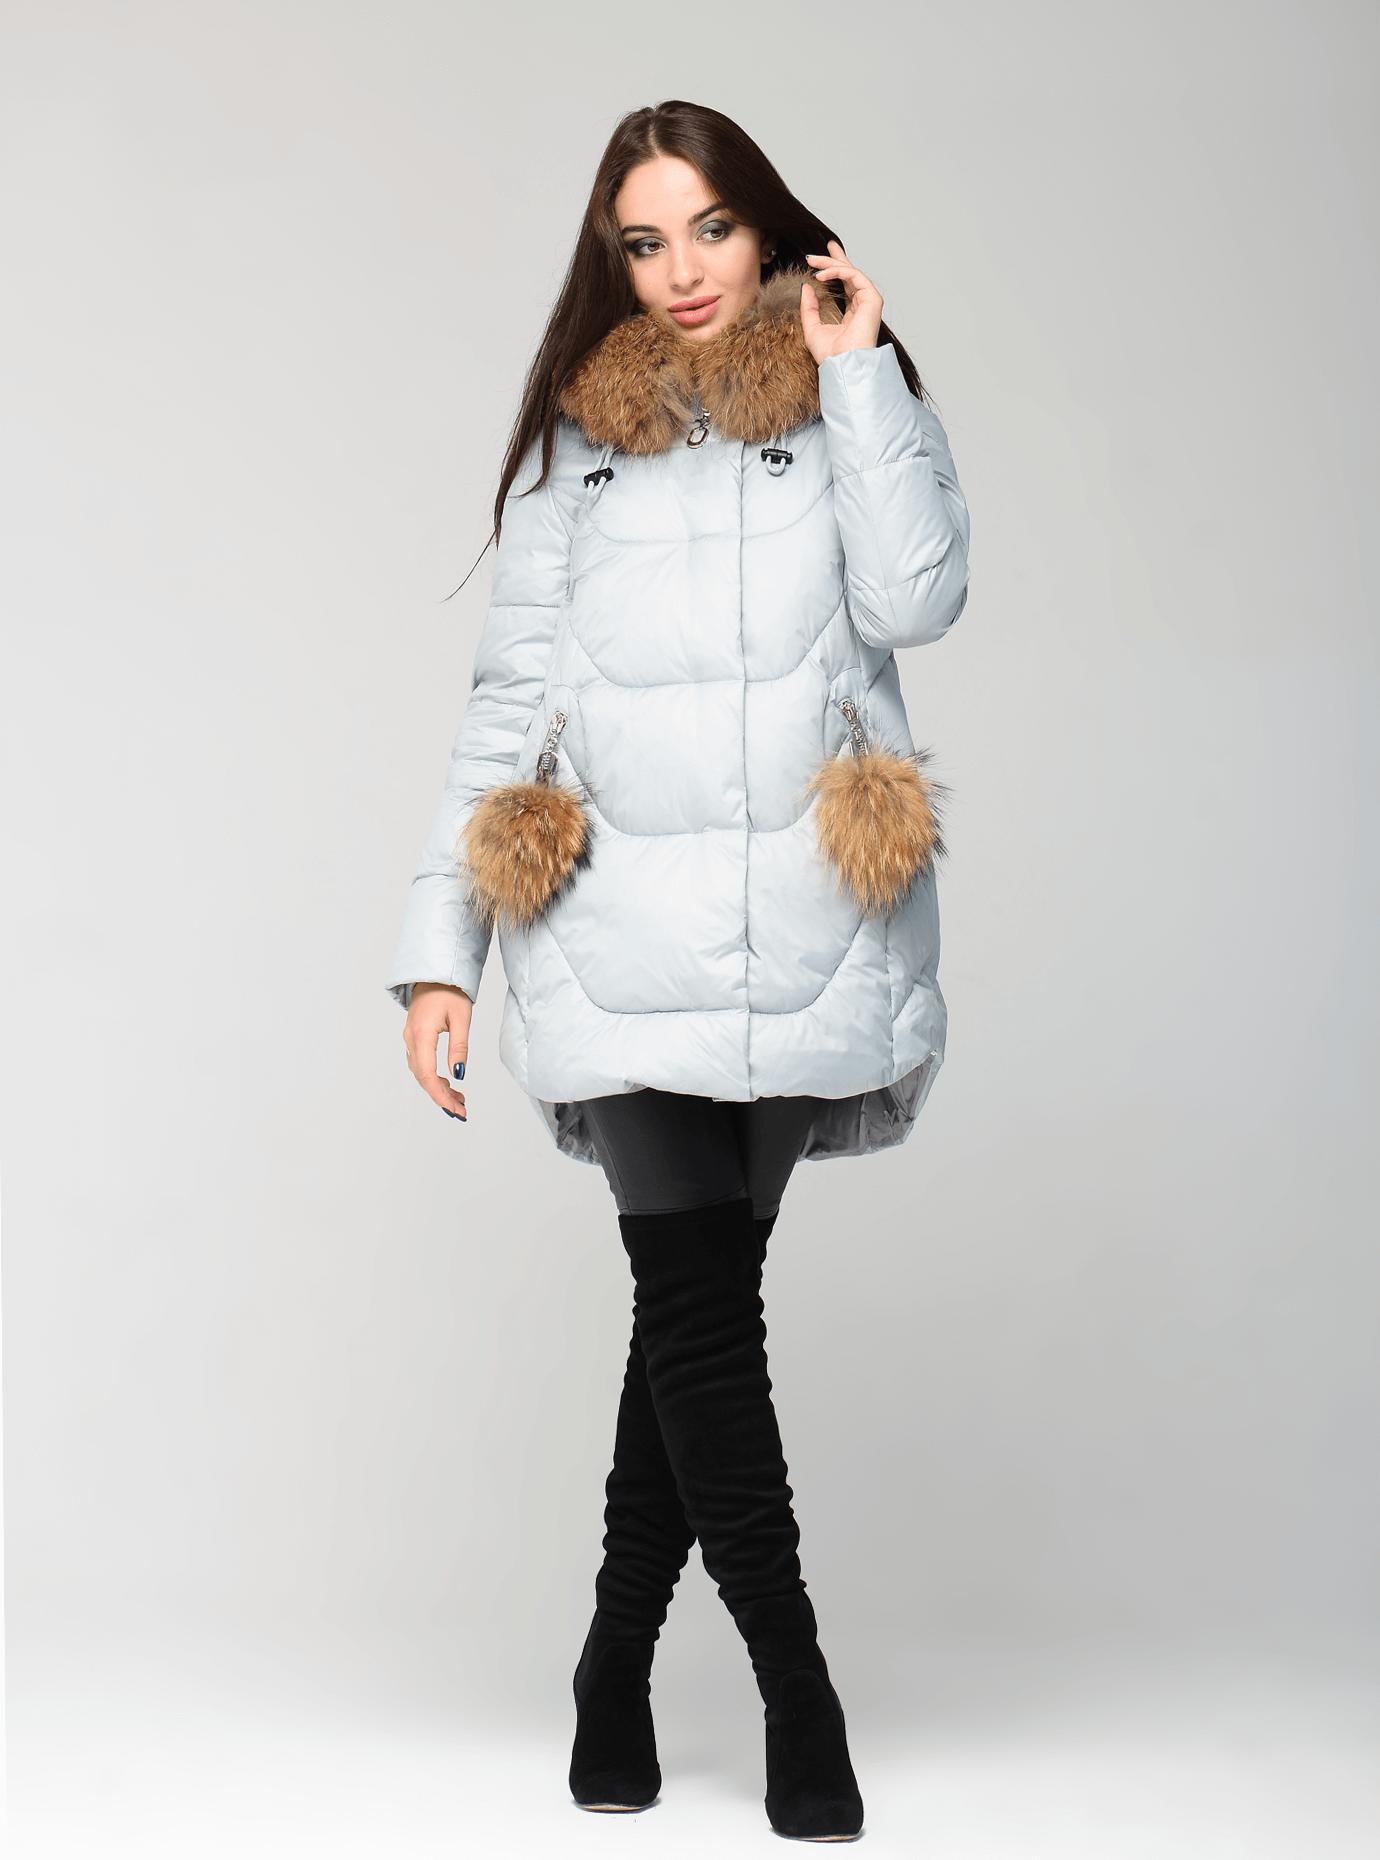 Зимняя куртка женская стёганная с помпонами Чёрный S (05-CH19110): фото - Alster.ua